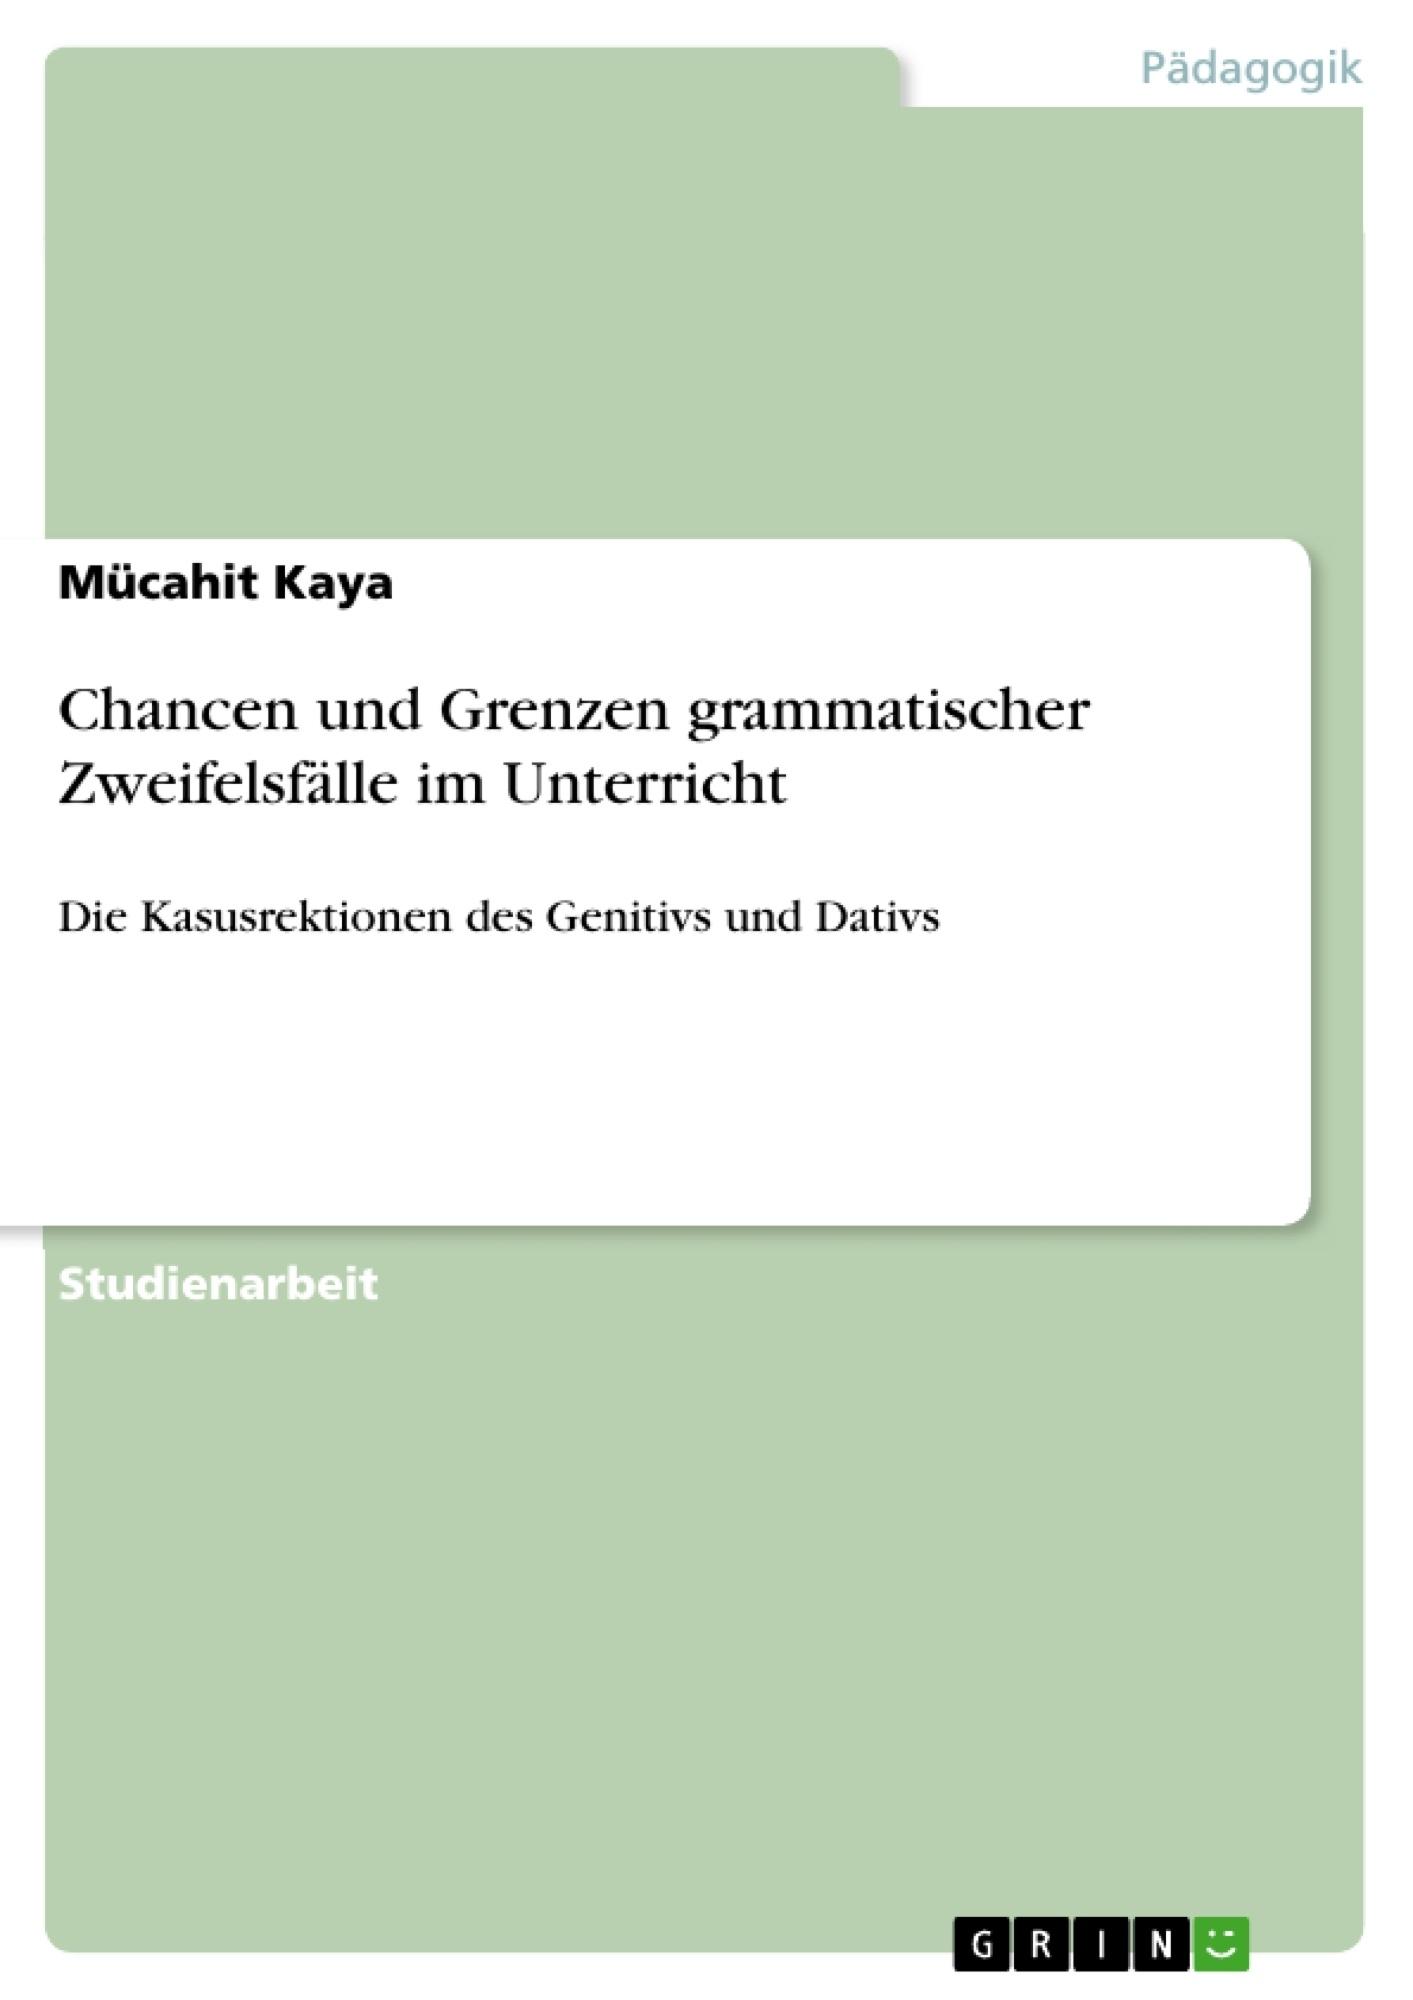 Titel: Chancen und Grenzen grammatischer Zweifelsfälle im Unterricht